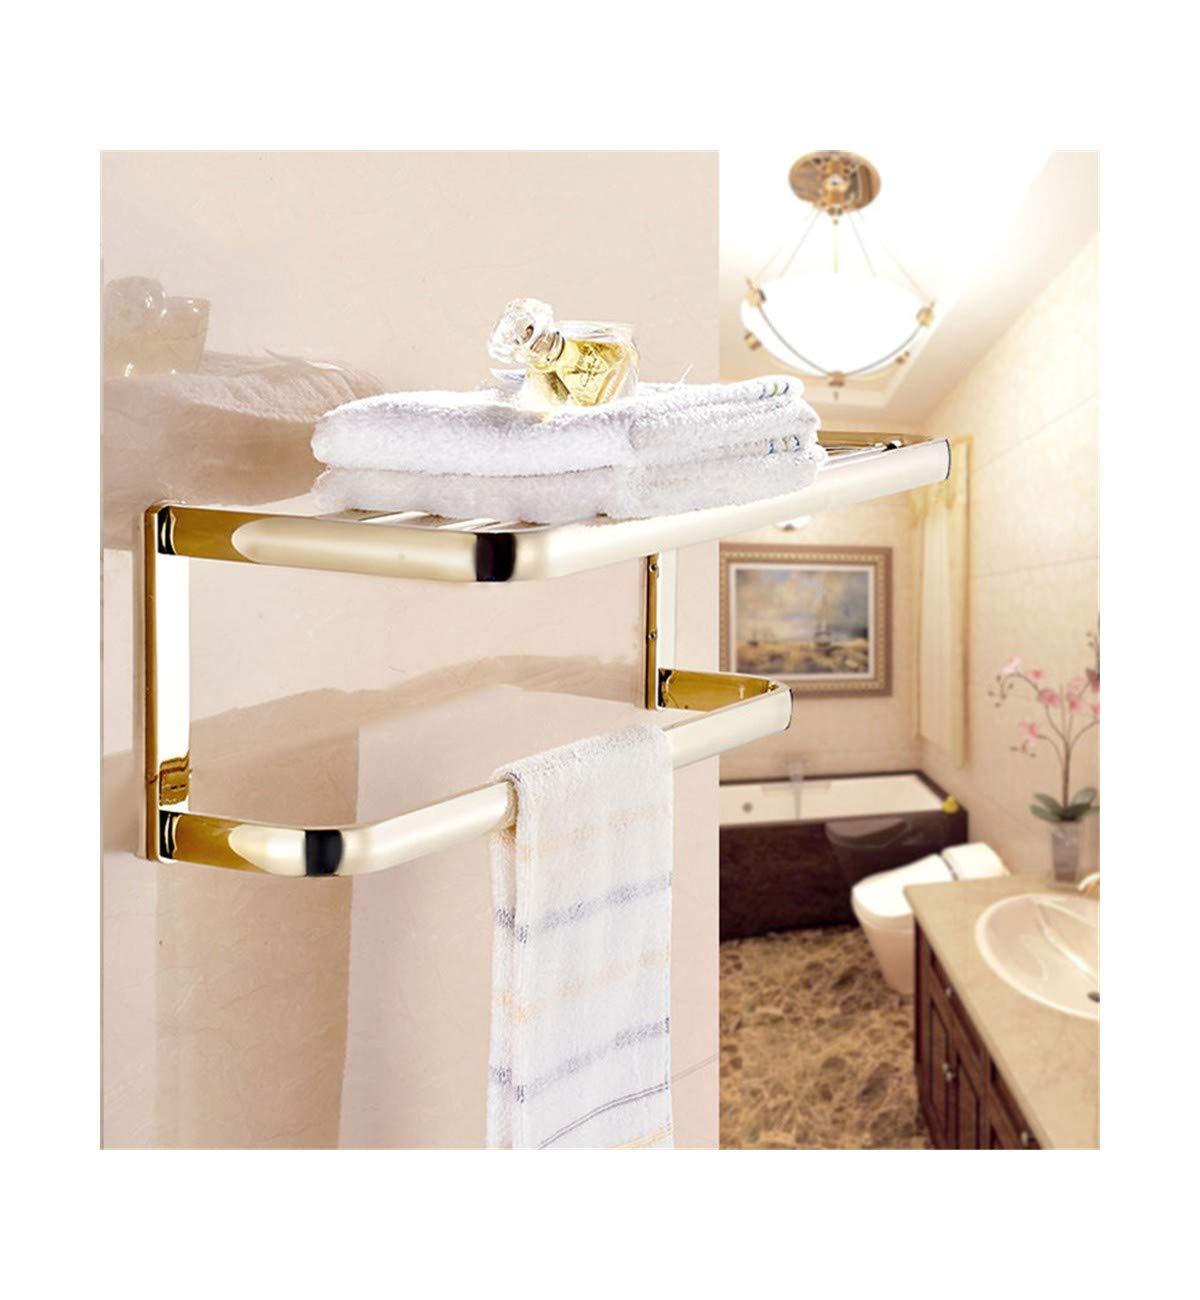 T-YSPJ Toallero de cobre Toallero de cobre baño Toalla Toalla Toalla de oro colgante para baño set de accesorios de hardware colgante, toallero a50ba8